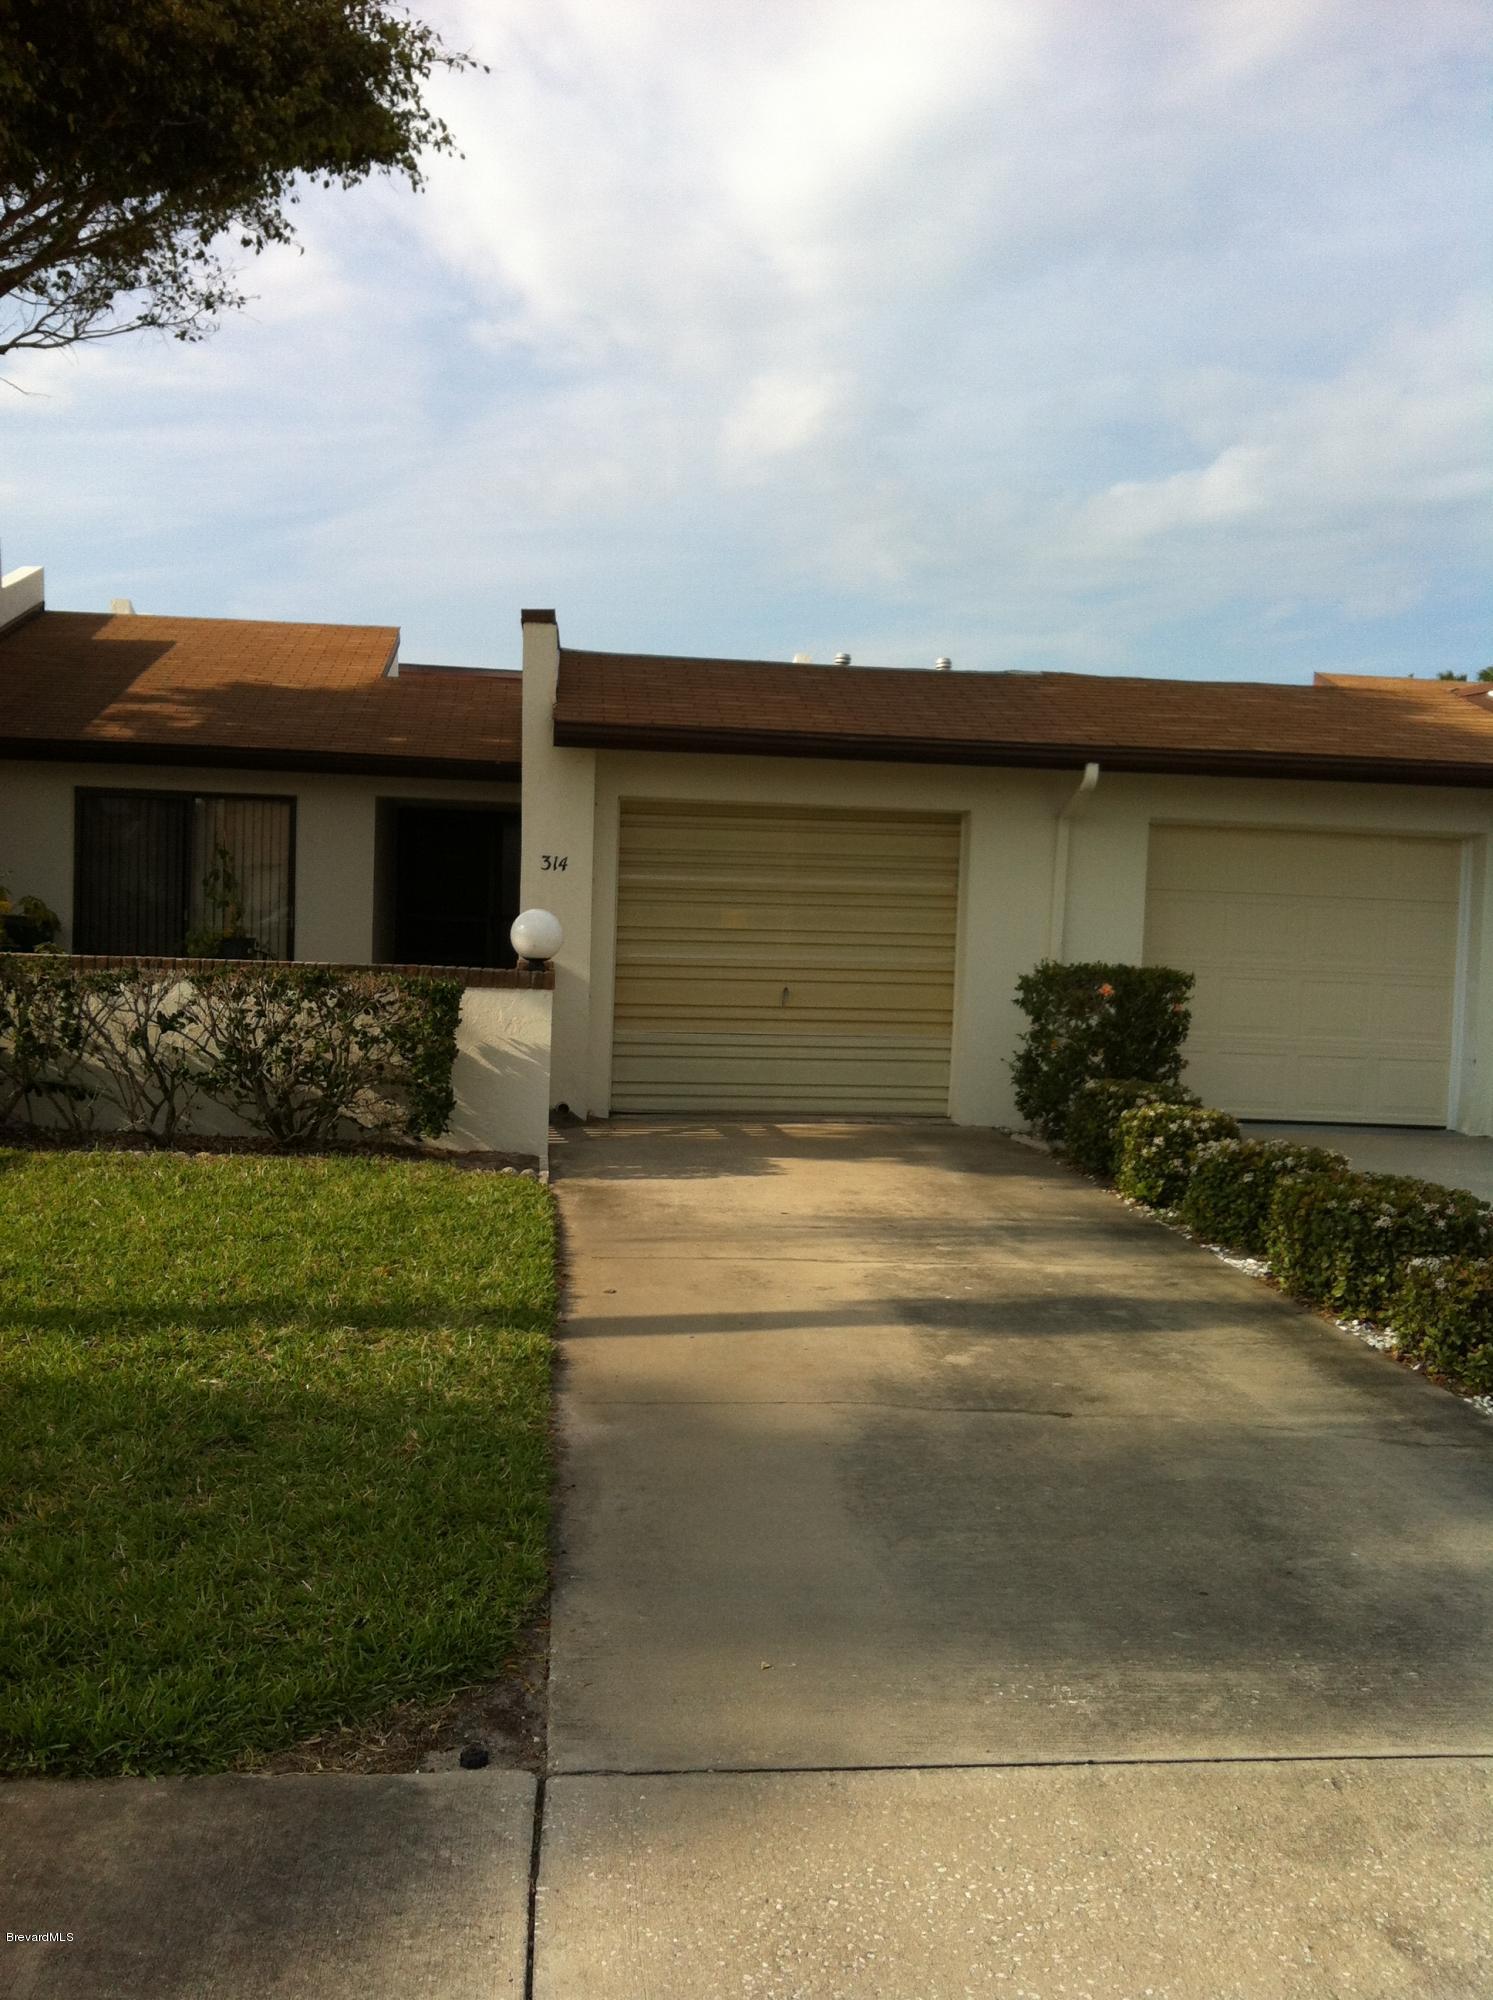 独户住宅 为 出租 在 314 Markley 314 Markley Indian Harbour Beach, 佛罗里达州 32937 美国